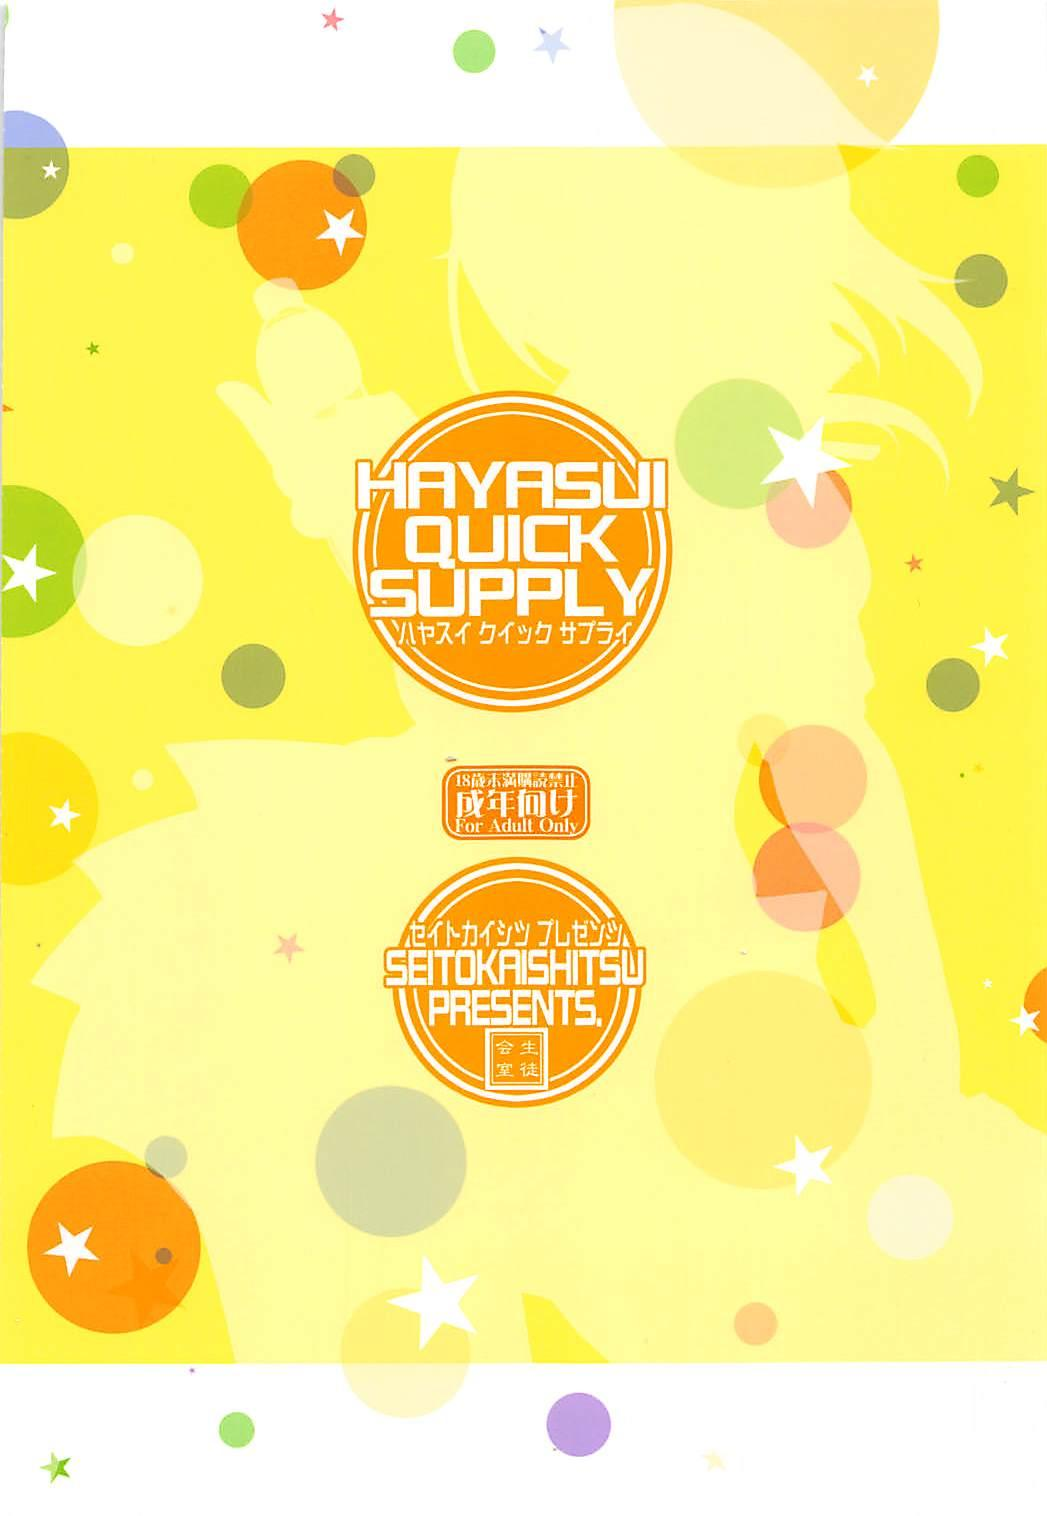 HAYASUI QUICK SUPPLY 25